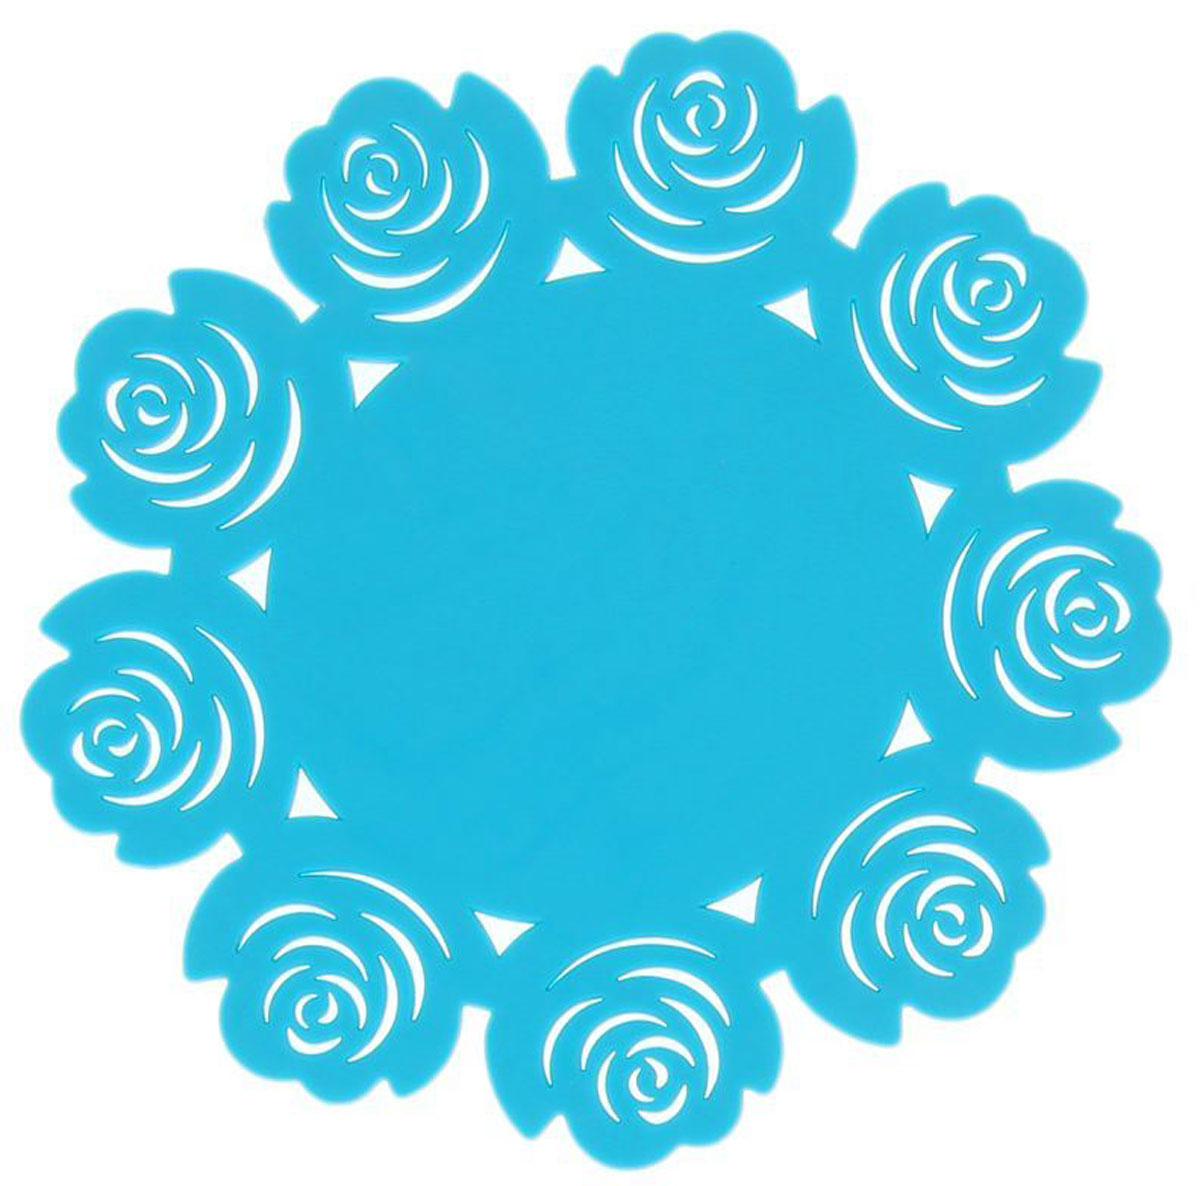 Подставка под горячее Доляна Летний домик, цвет: бирюзовый, 16 см812069Силиконовая подставка под горячее — практичный предмет, который обязательно пригодится в хозяйстве. Изделие поможет сберечь столы, тумбы, скатерти и клеёнки от повреждения нагретыми сковородами, кастрюлями, чайниками и тарелками.